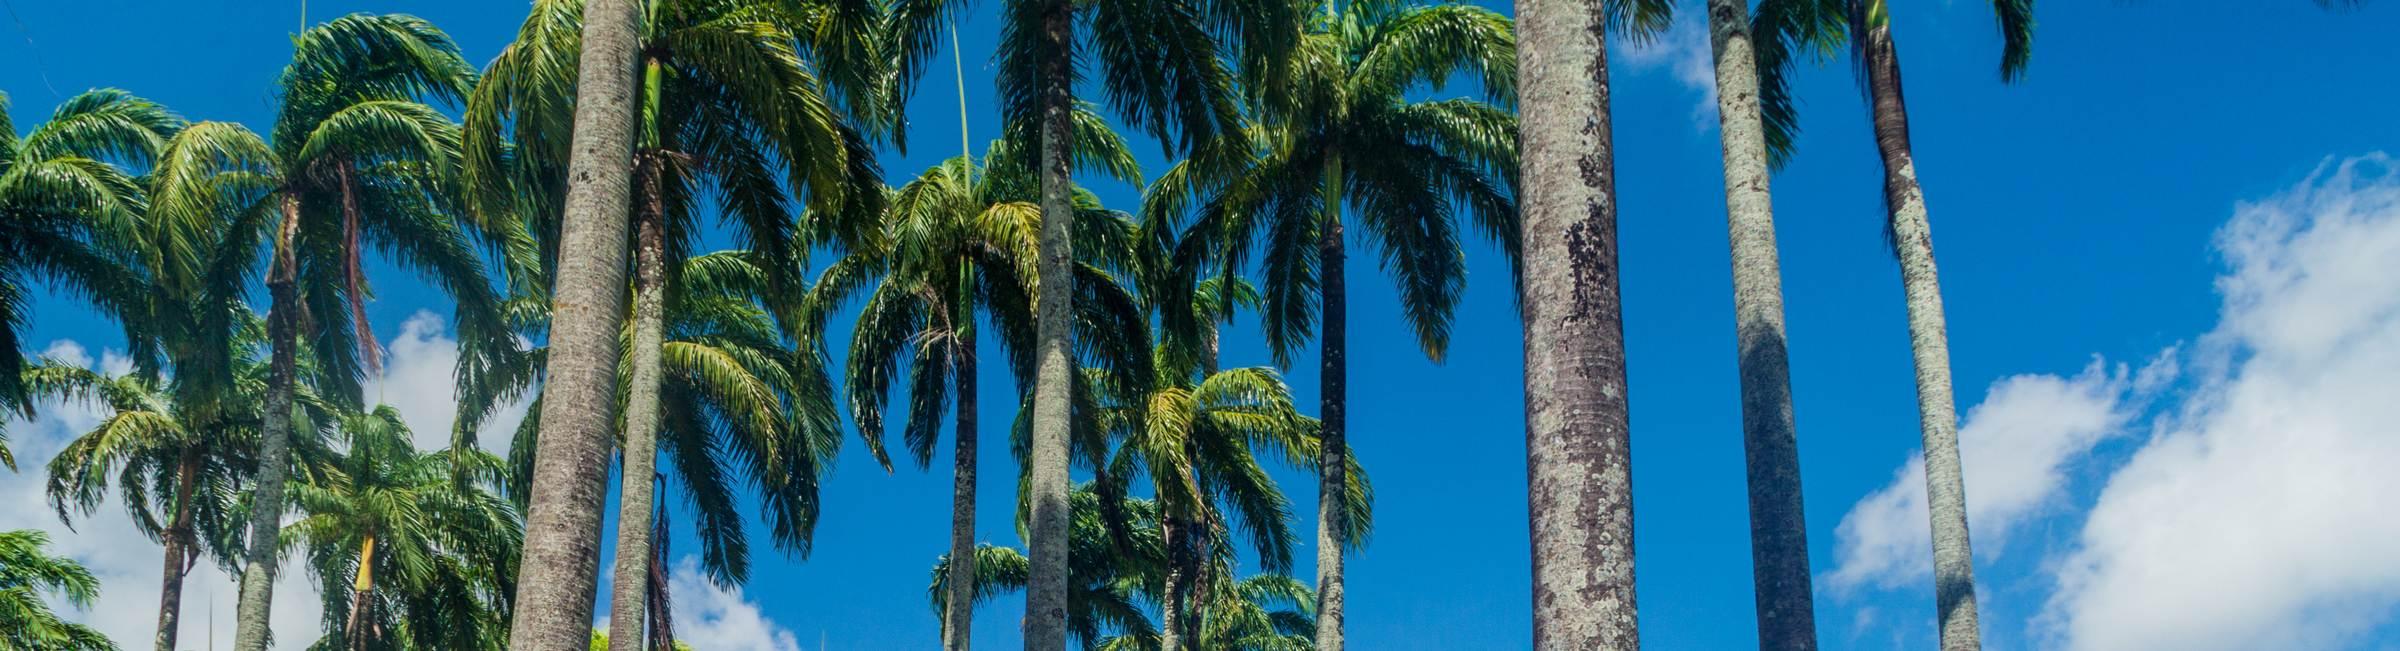 Des palmiers en Guyane Française